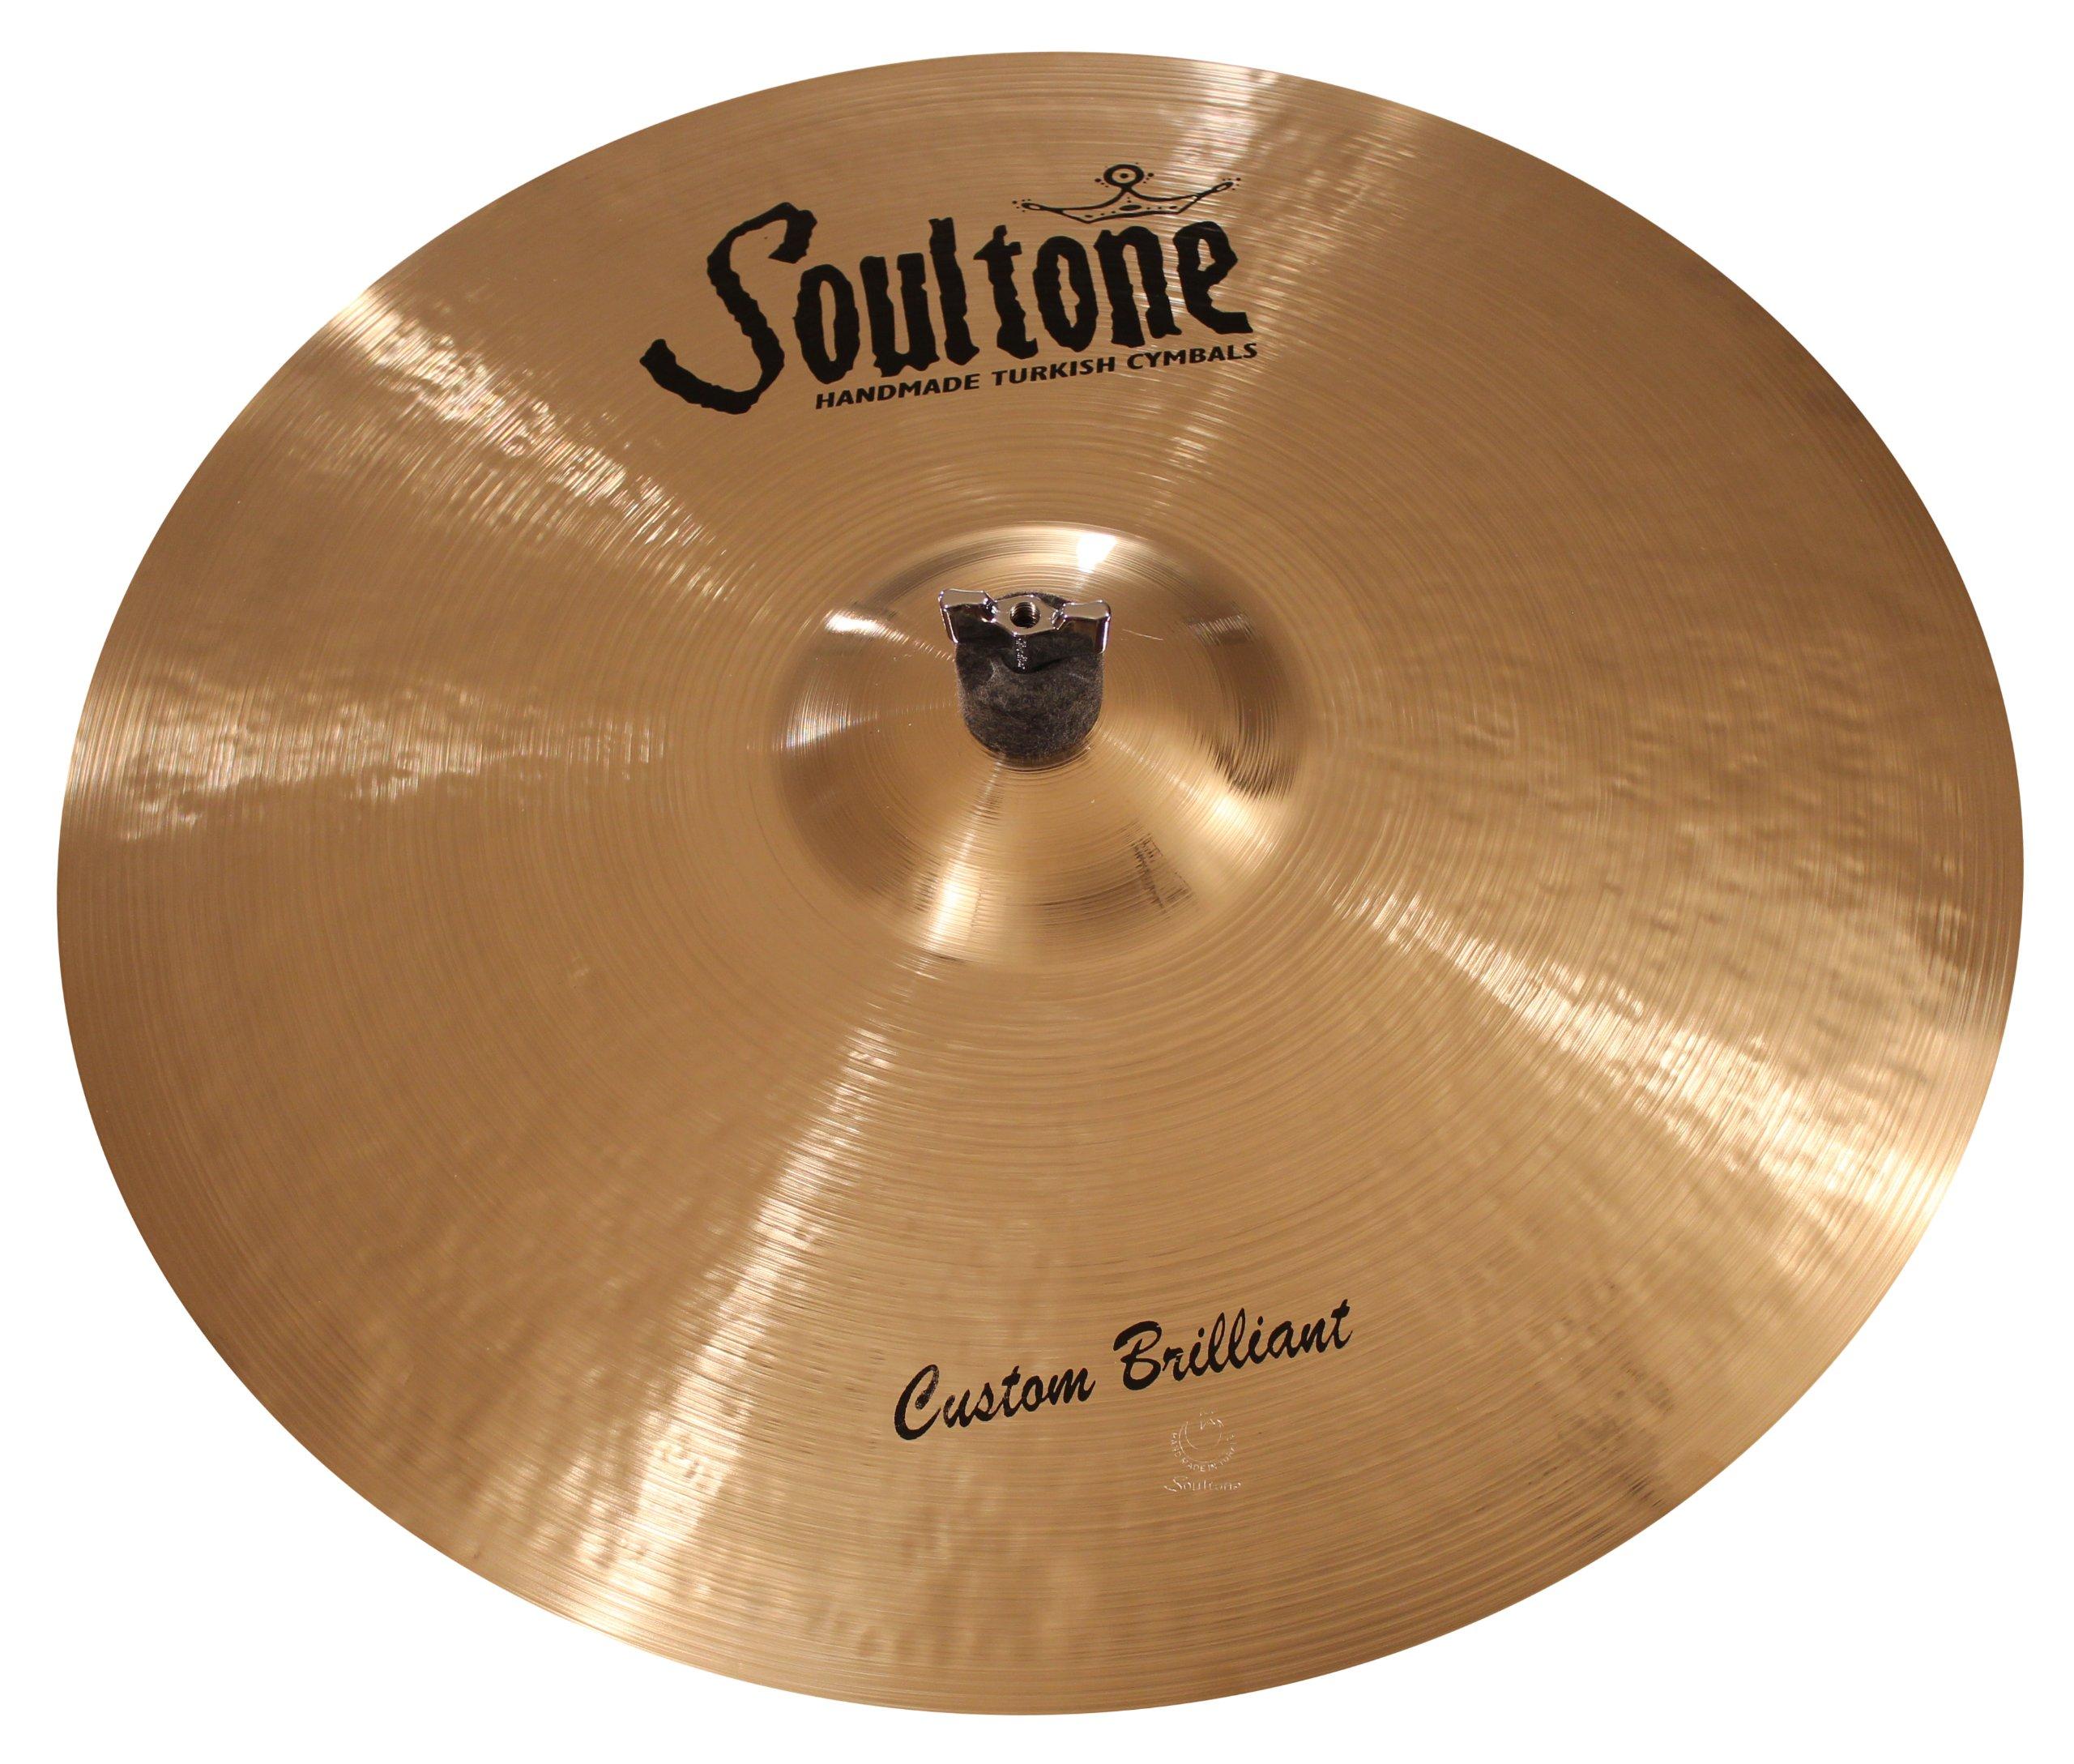 Soultone Cymbals CBR-BBRID19 - 19'' Custom Brilliant Big Bell Ride